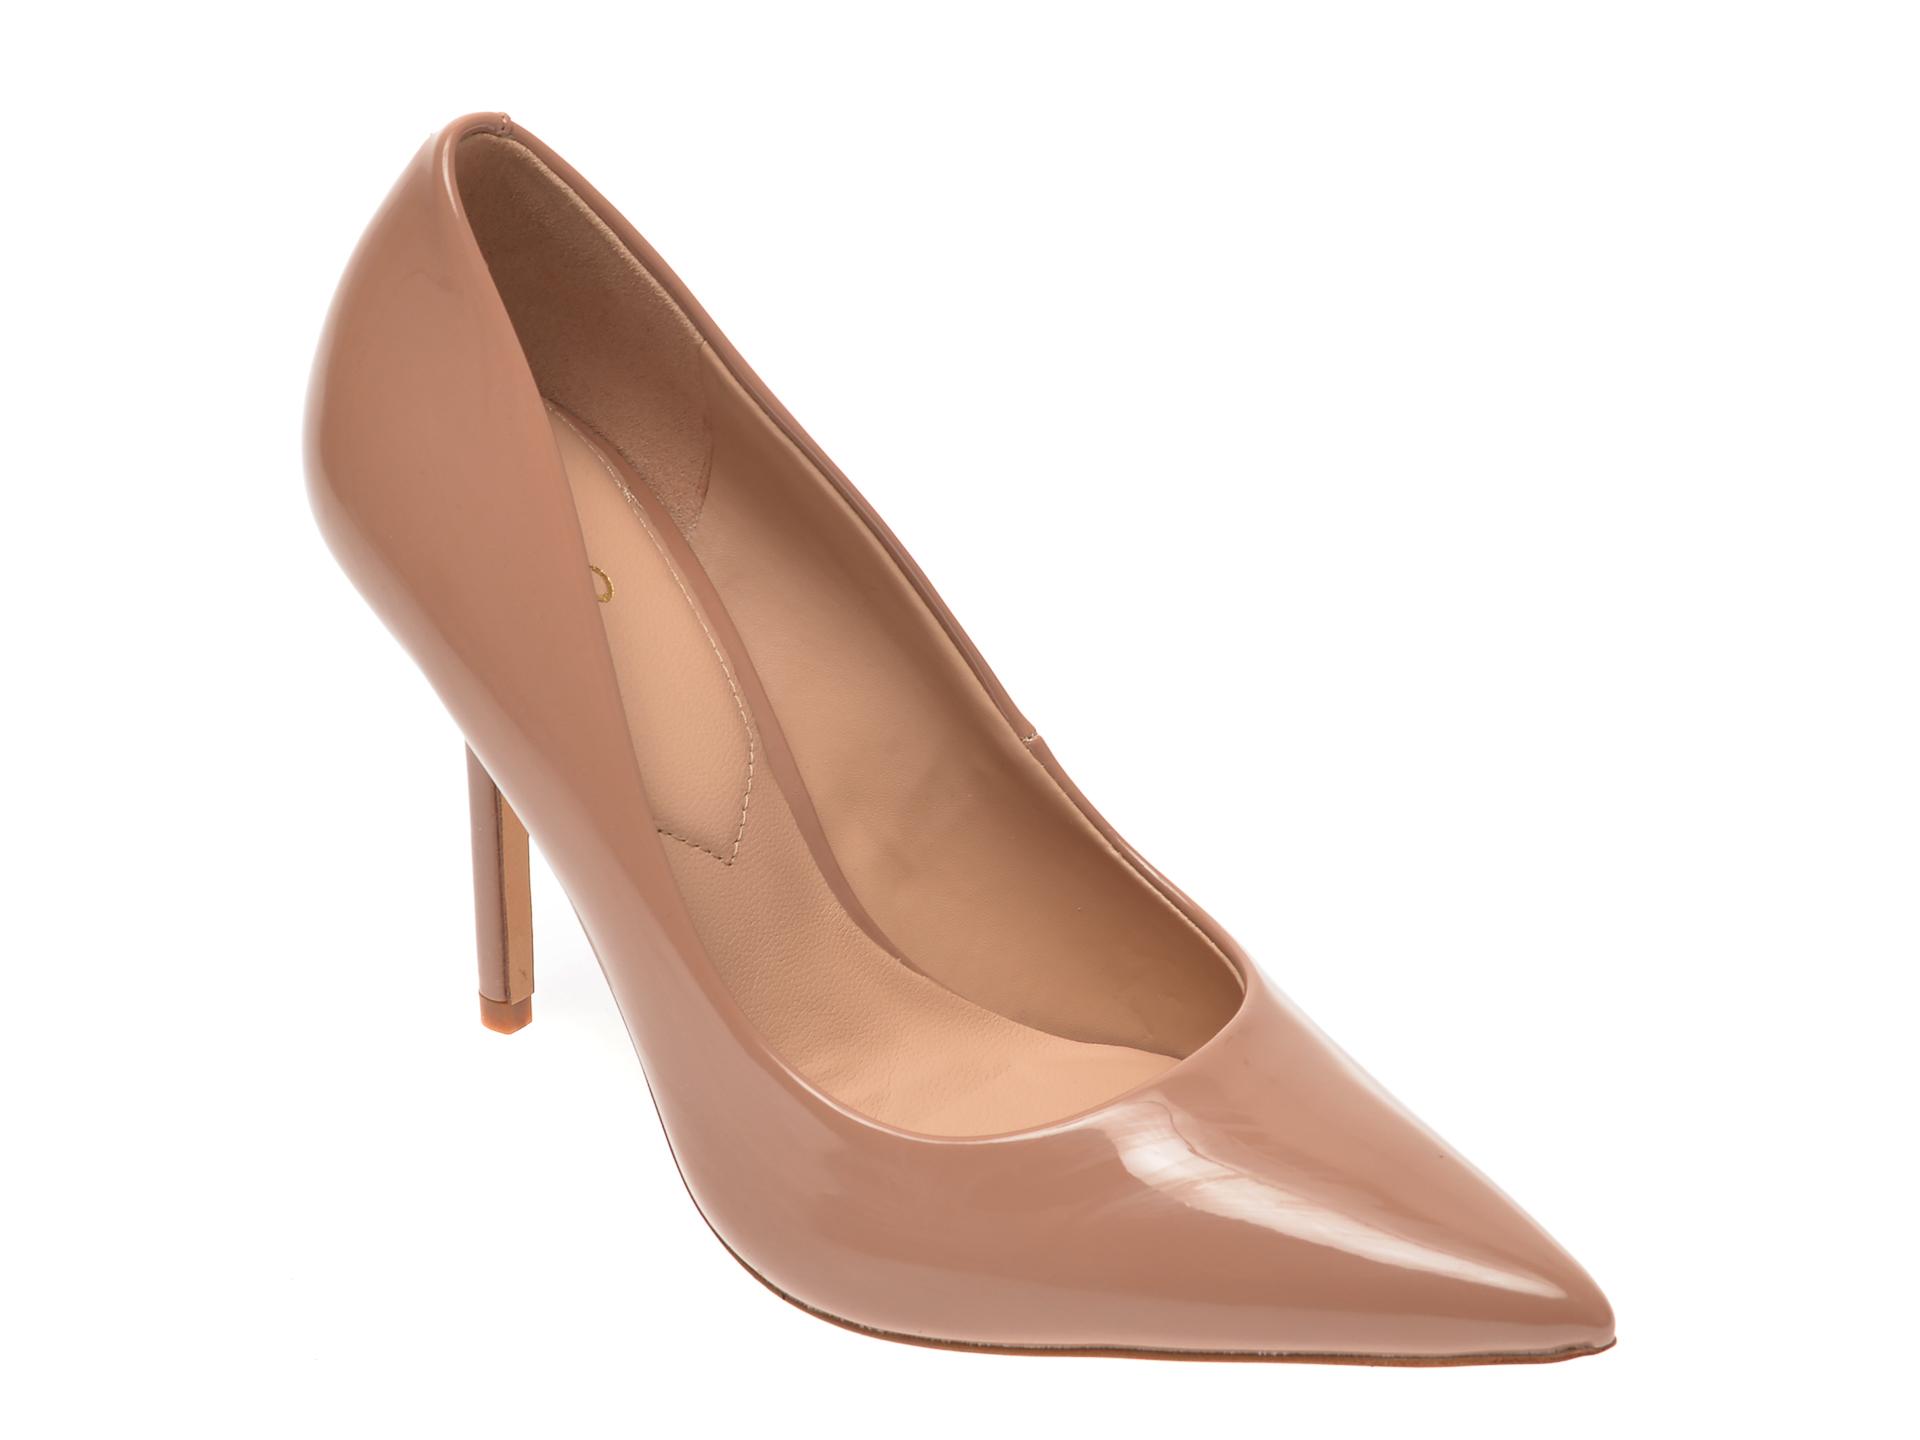 Pantofi ALDO nude, Sophy270, din piele ecologica